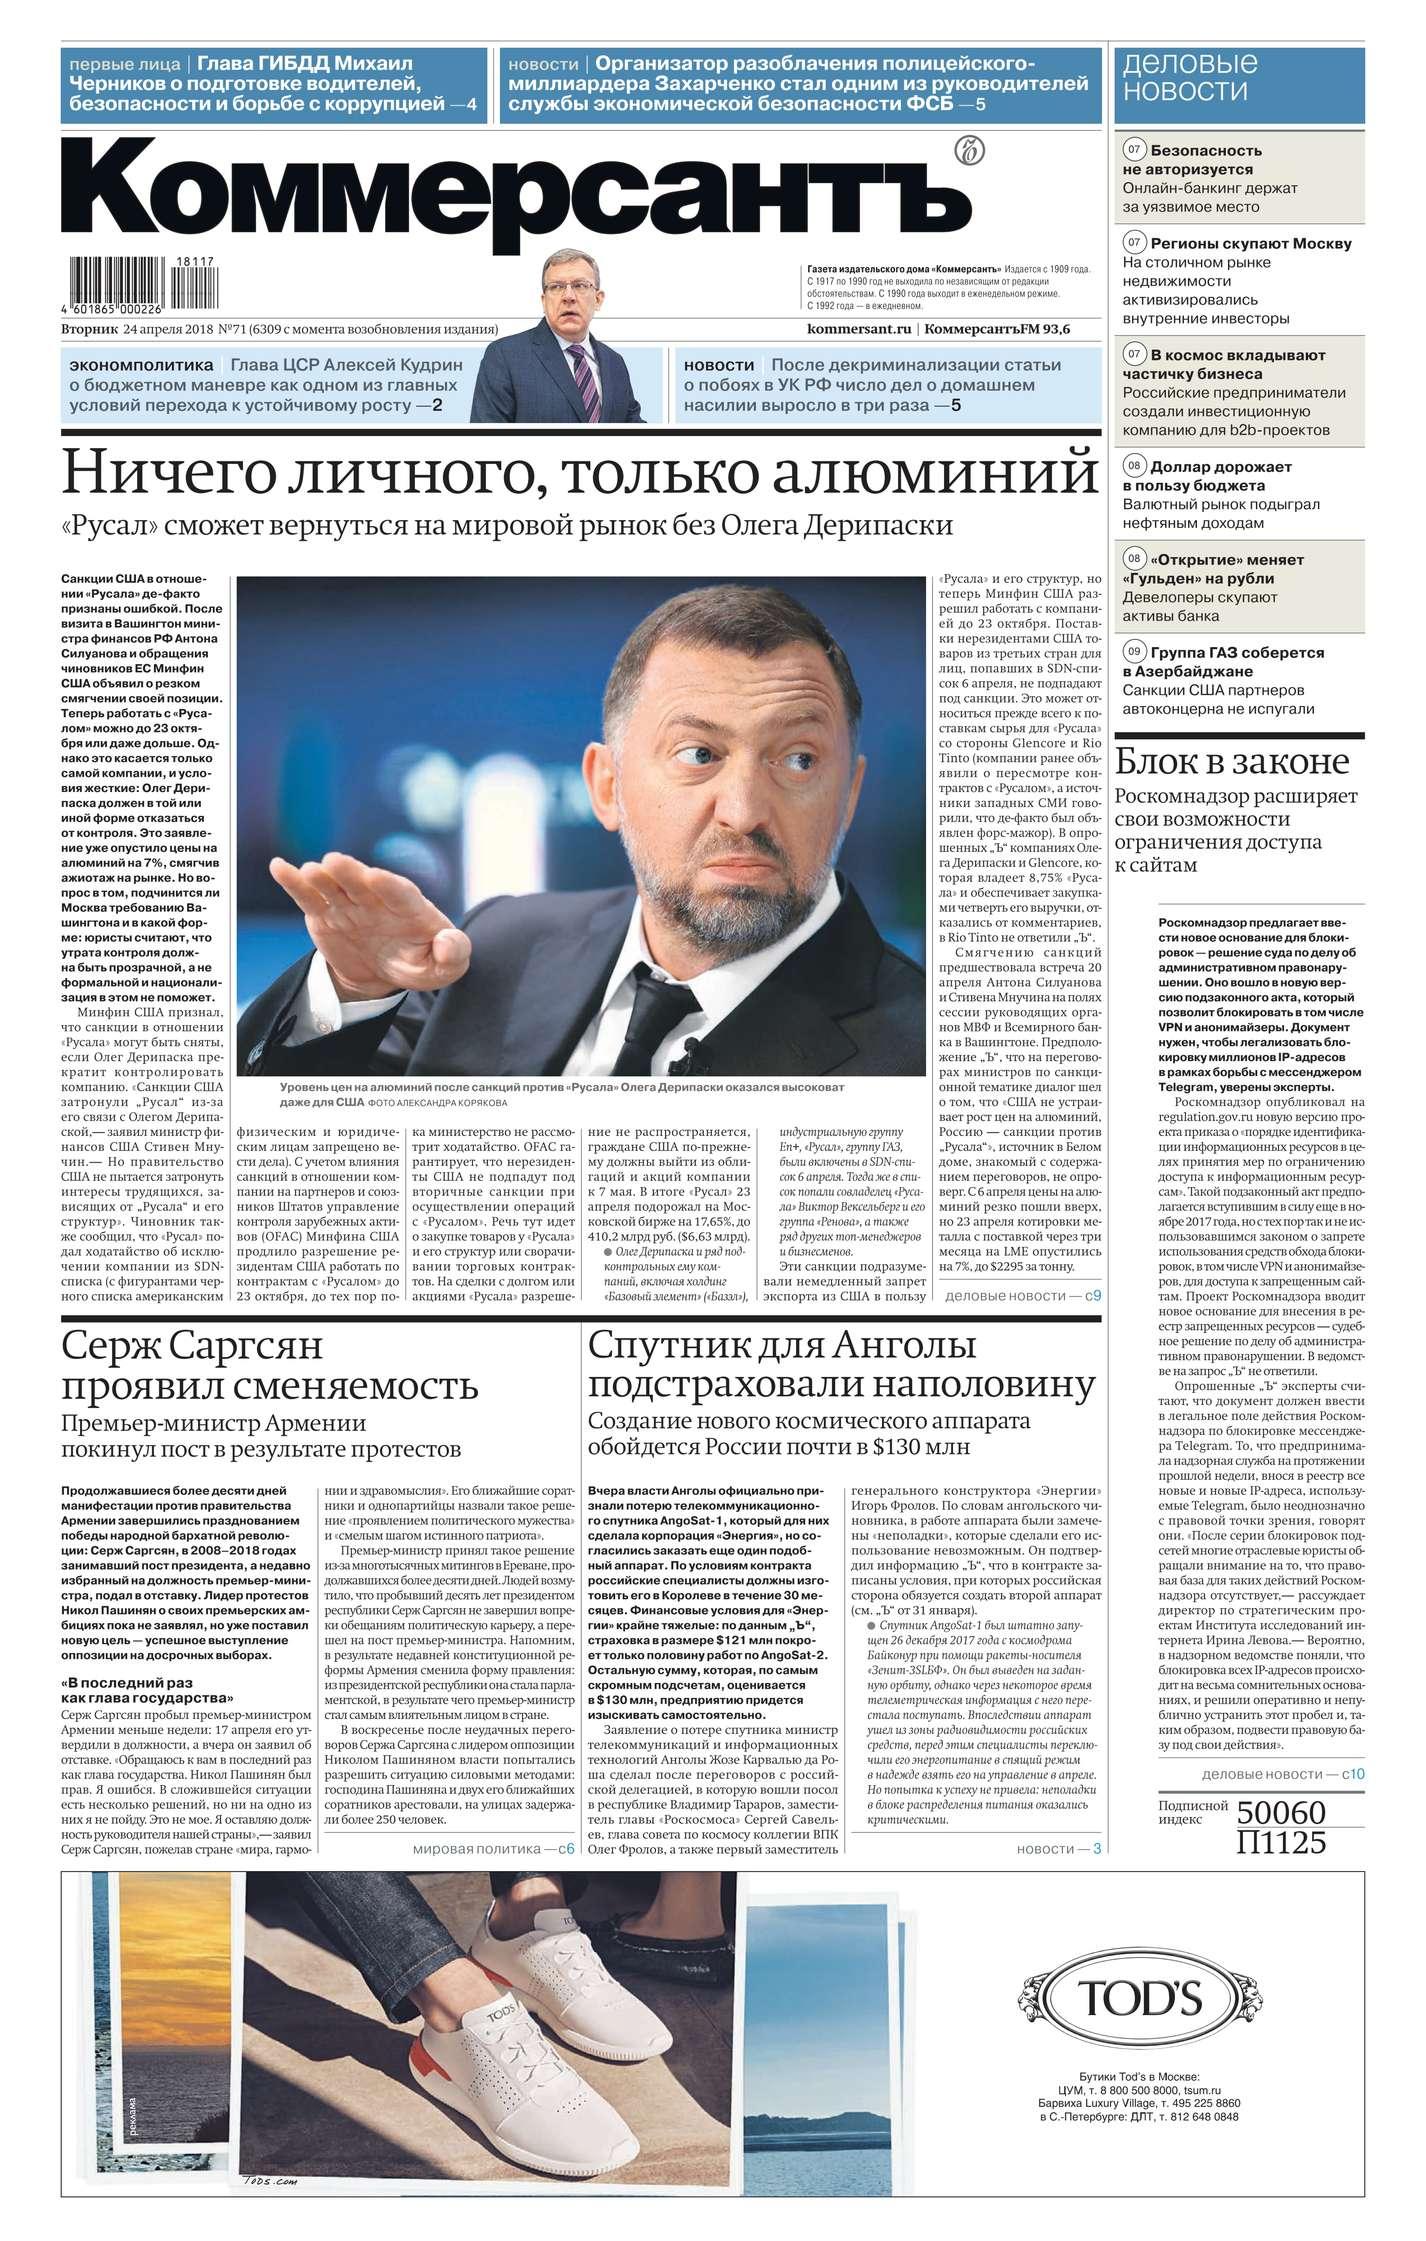 Редакция газеты Коммерсантъ (понедельник-пятница) Коммерсантъ (понедельник-пятница) 71-2018 цена